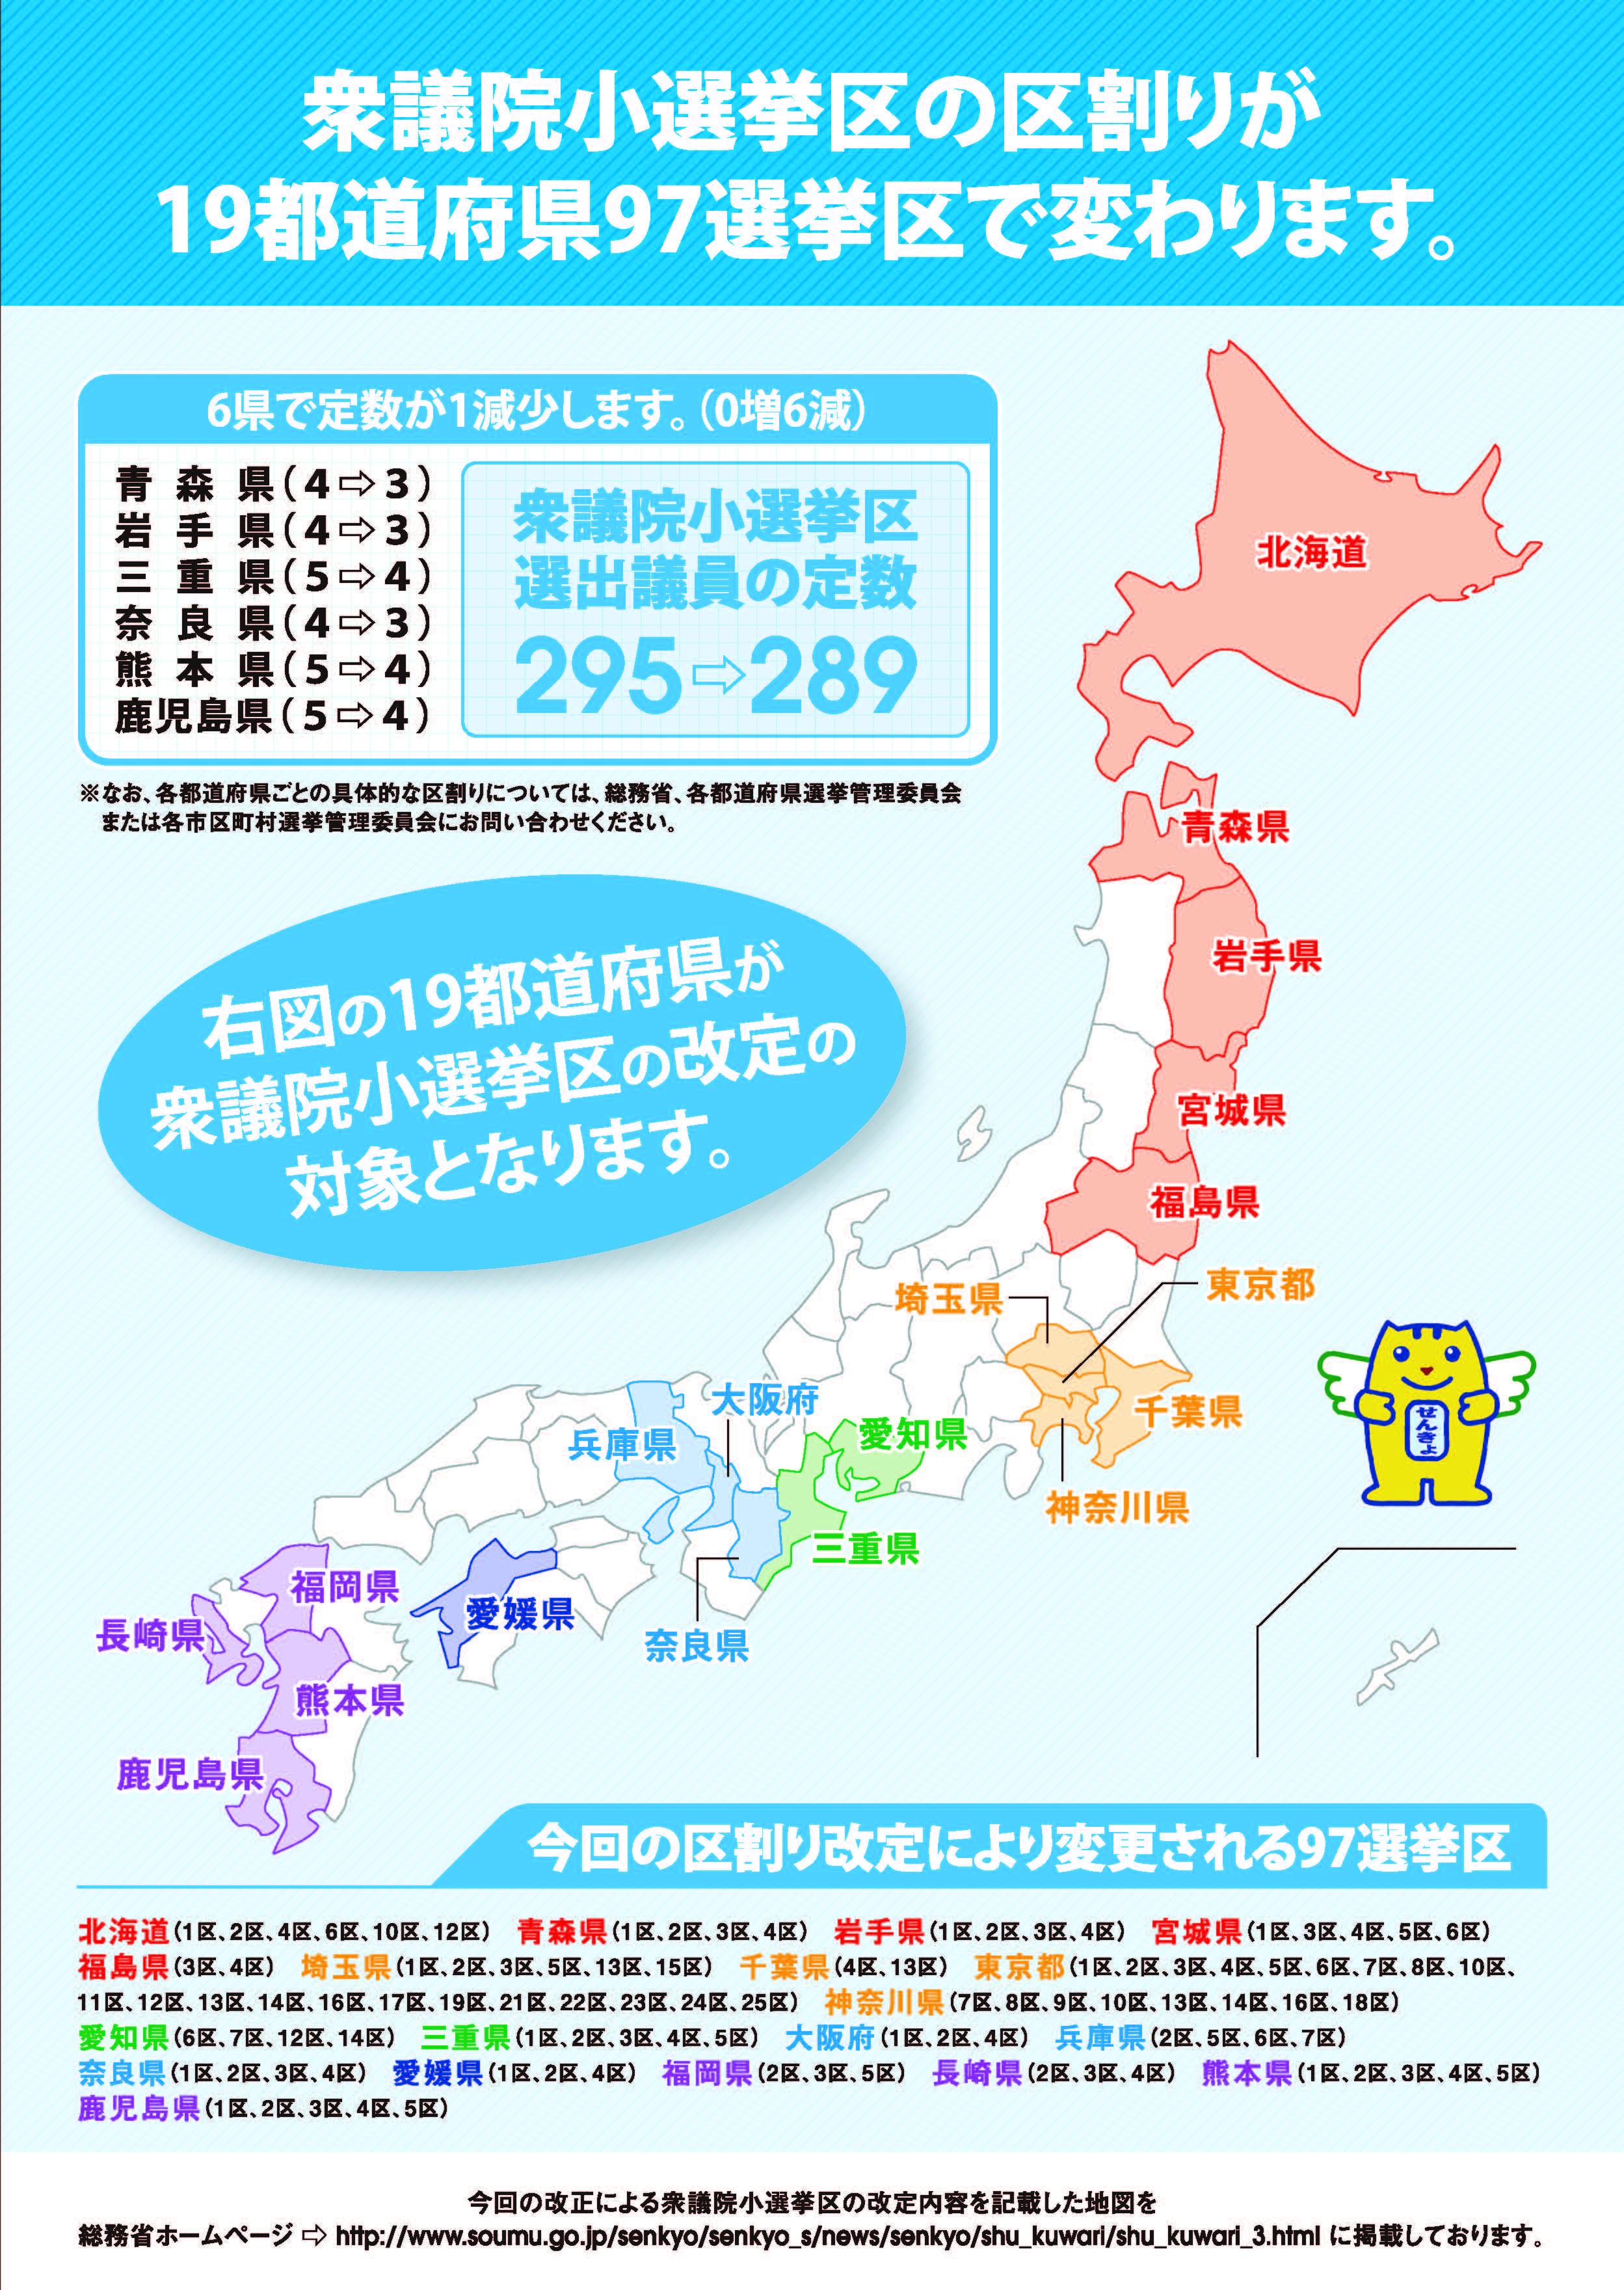 総務省|衆議院小選挙区の区割りの改定等について